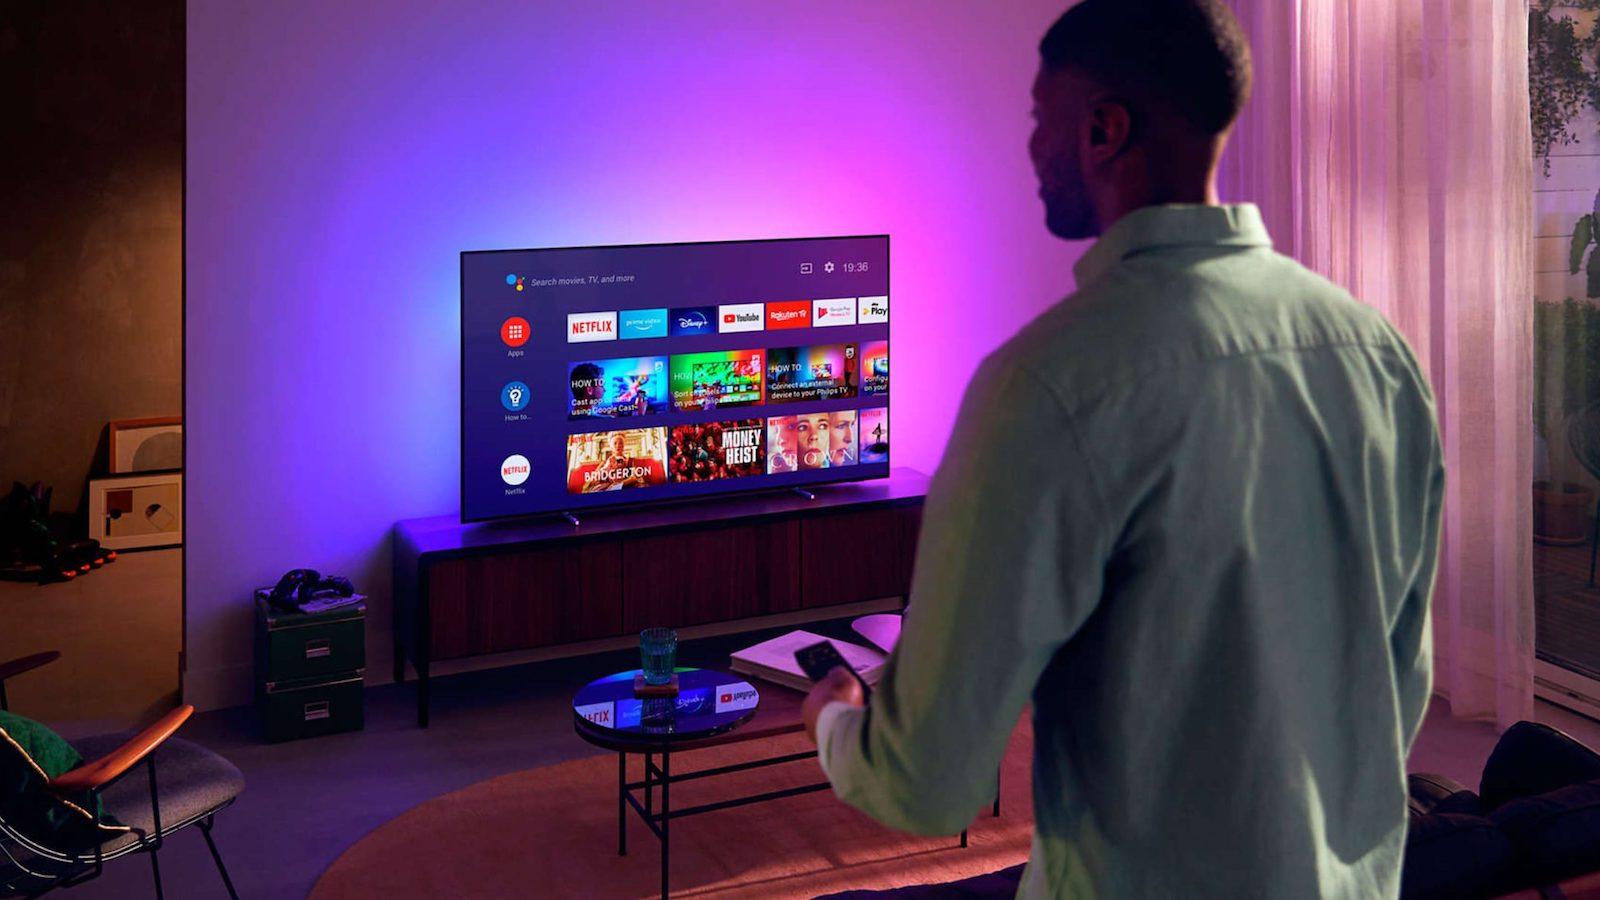 Phillips 7 Series OLED TVs